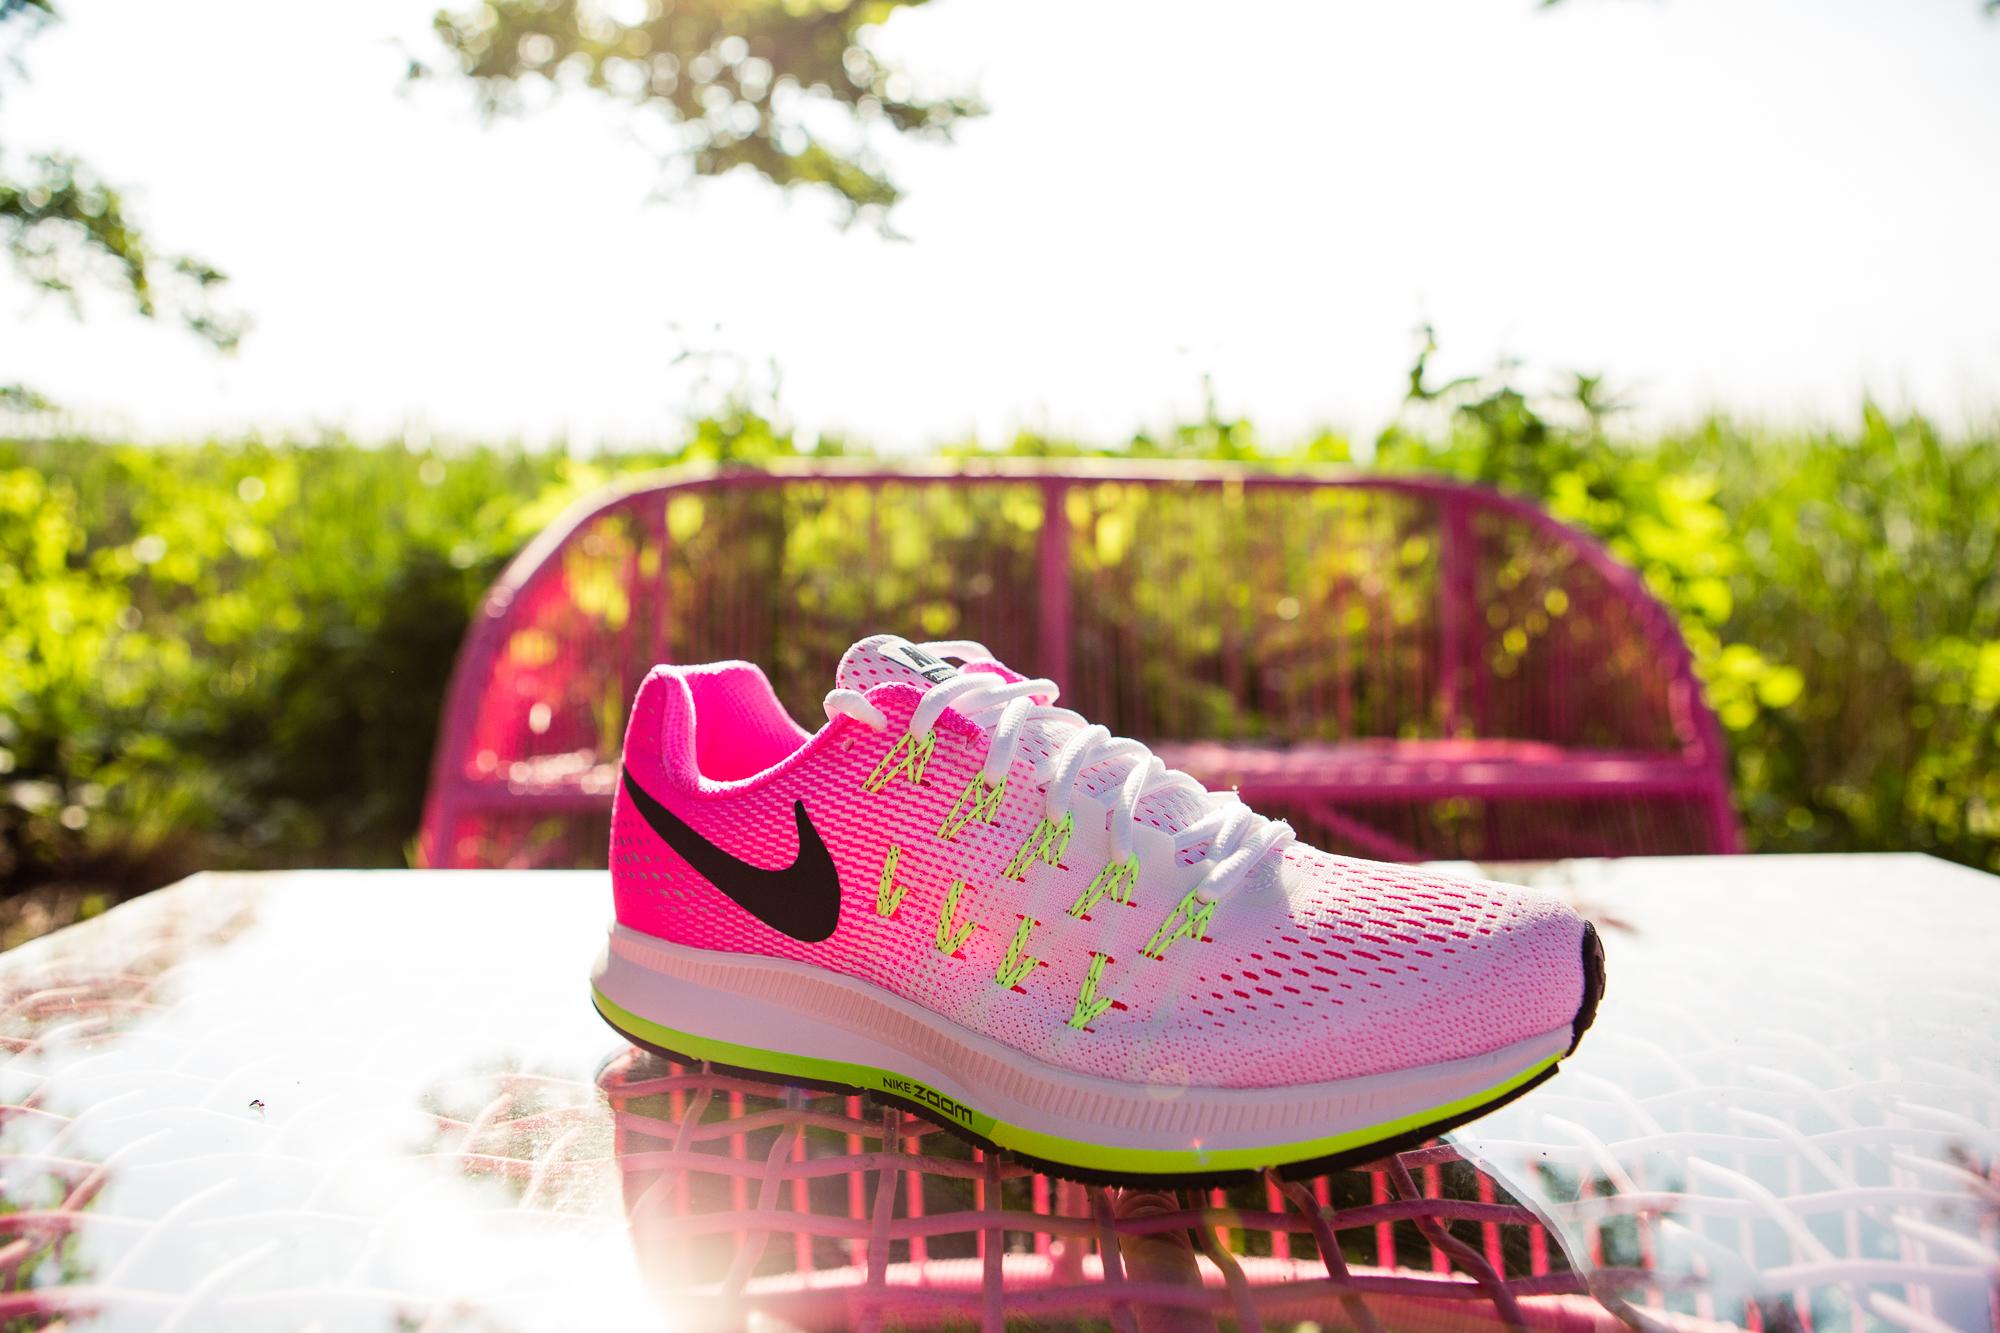 Nike_10k11_SpeedCamp_Peg33_Images_Pegasus33_1